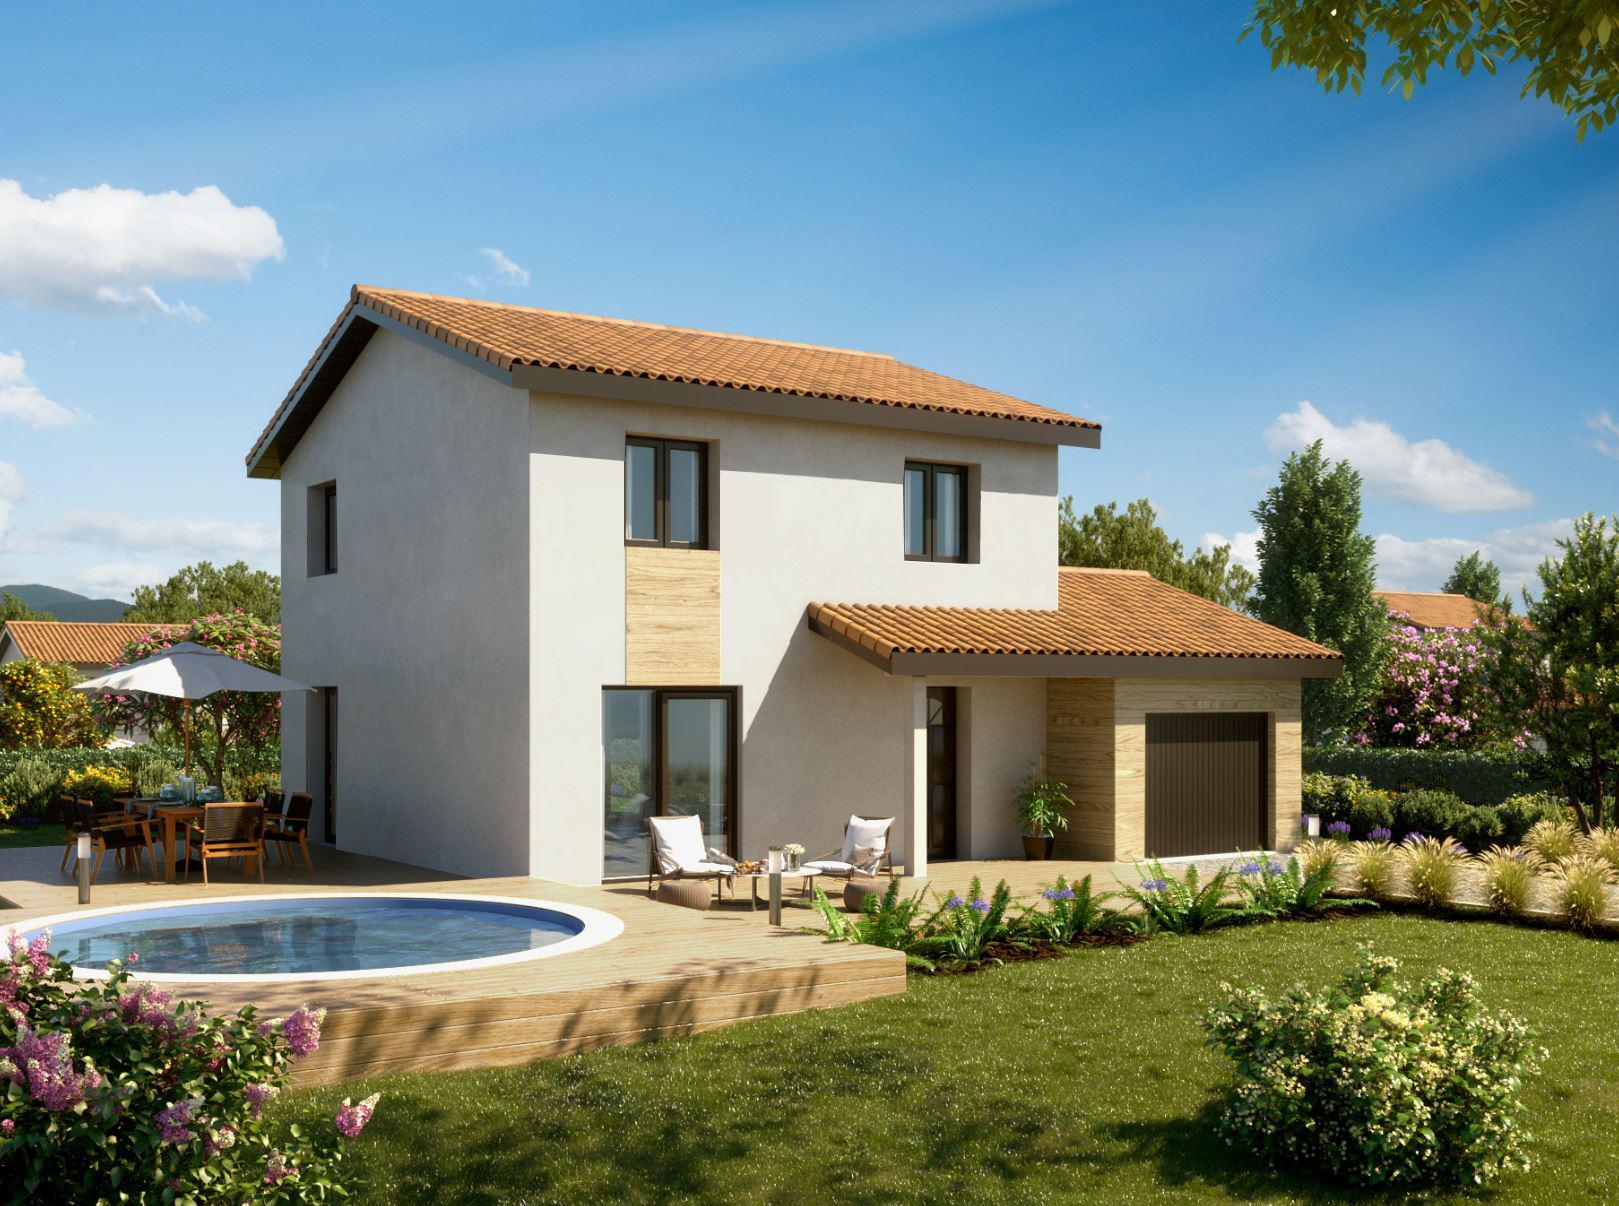 Maisons + Terrains du constructeur MAISONS PUNCH BOURGOIN • 94 m² • CHAMPIER